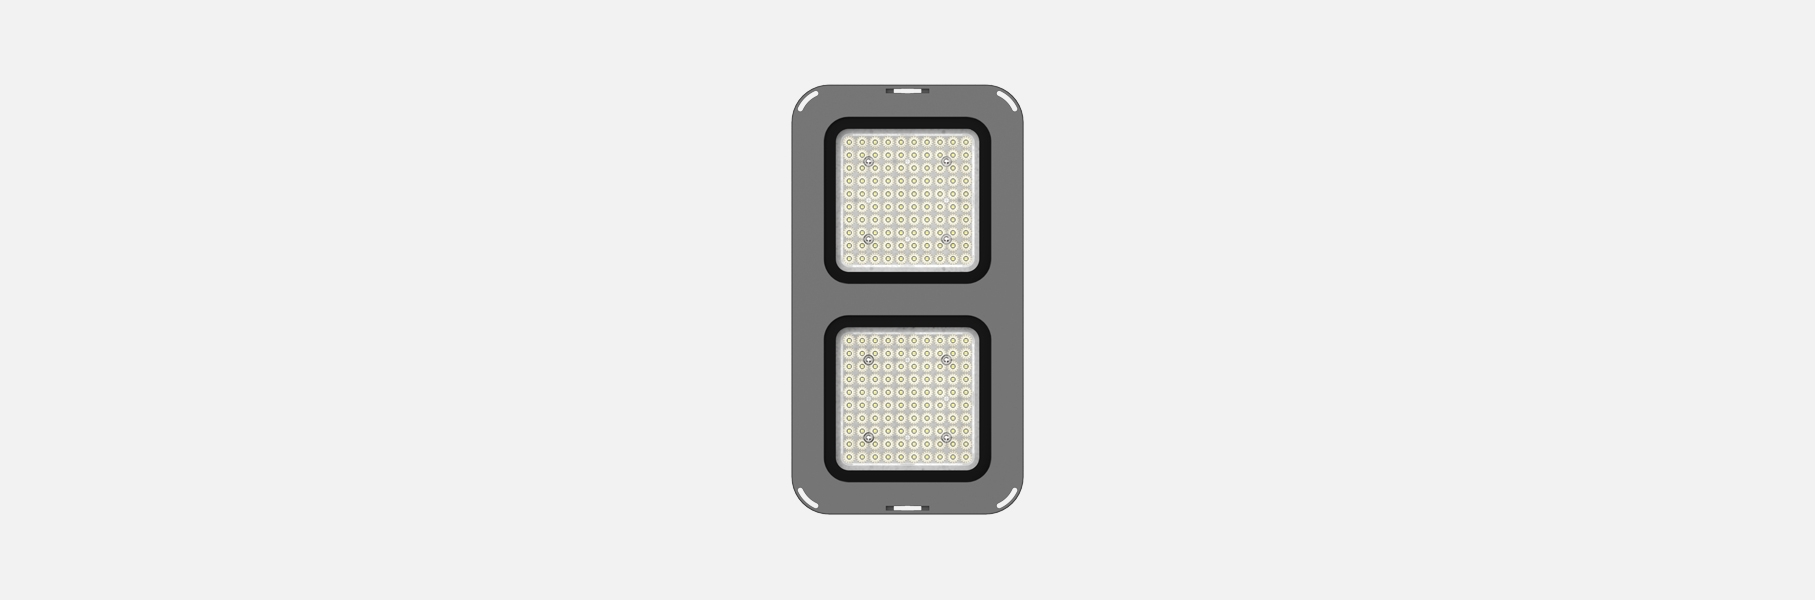 Q2 proiettore a led per illuminazione da interno ed for Interno q2